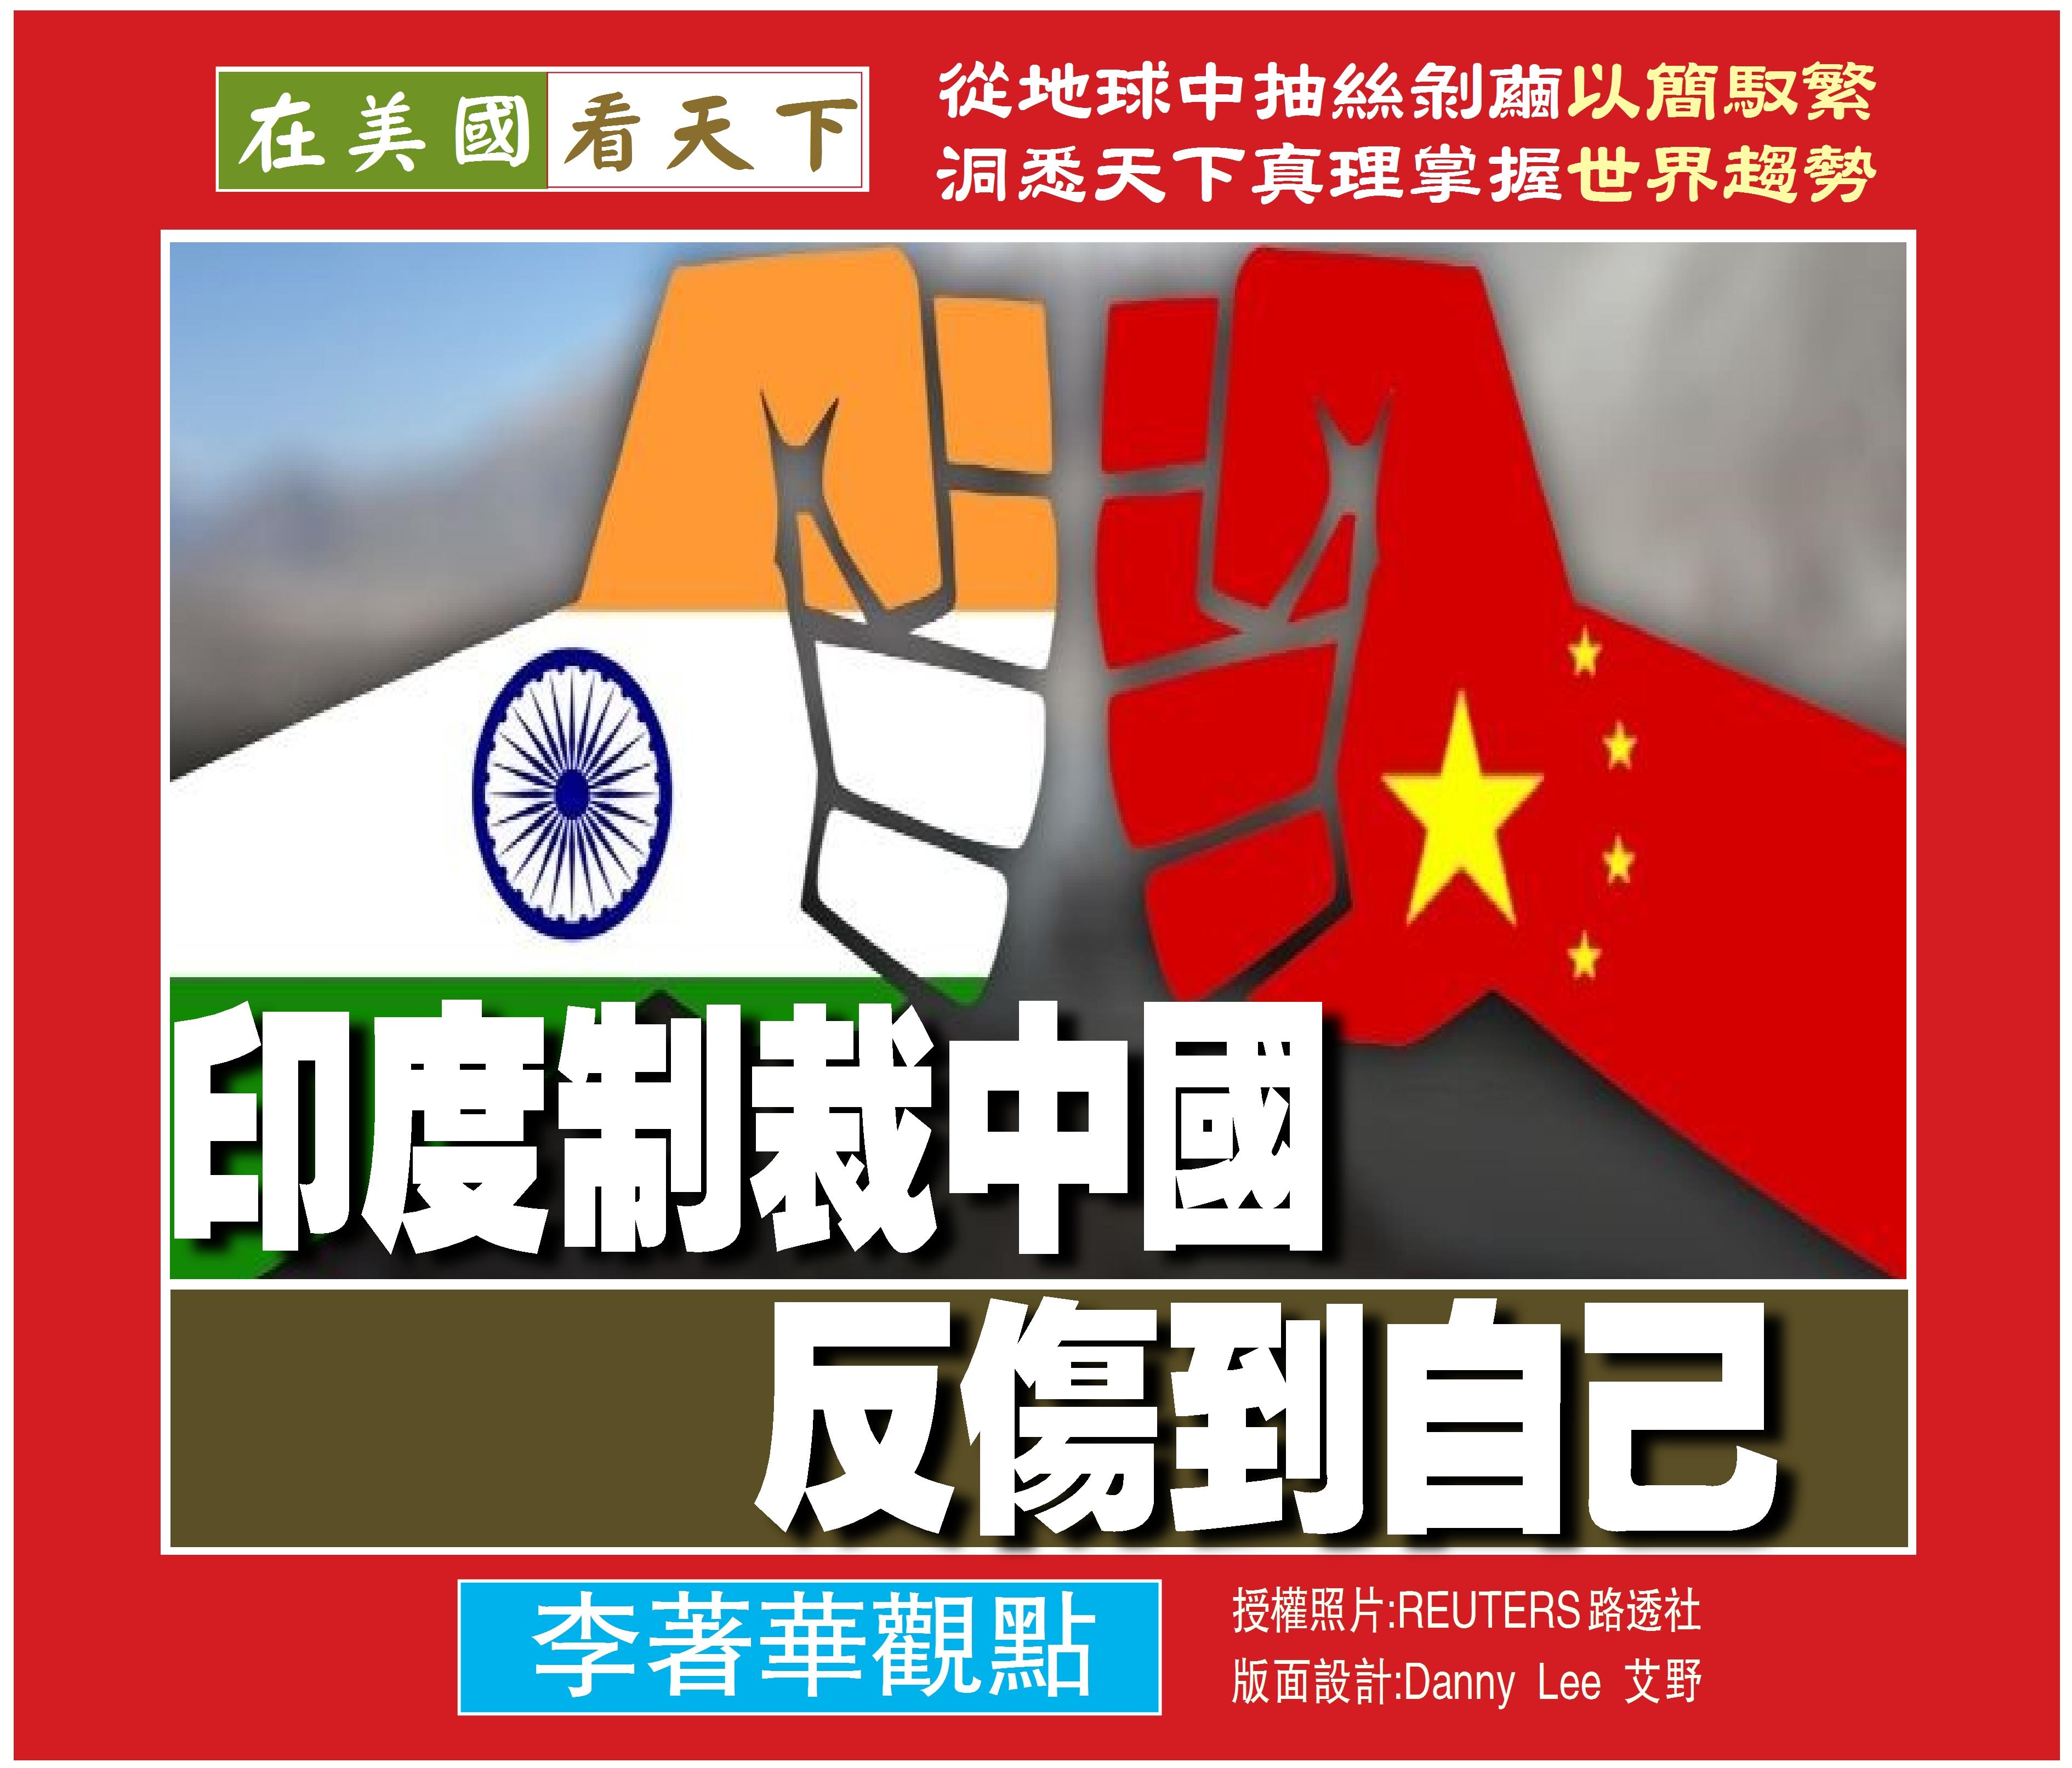 070620-印度製裁中國反傷到自己-1